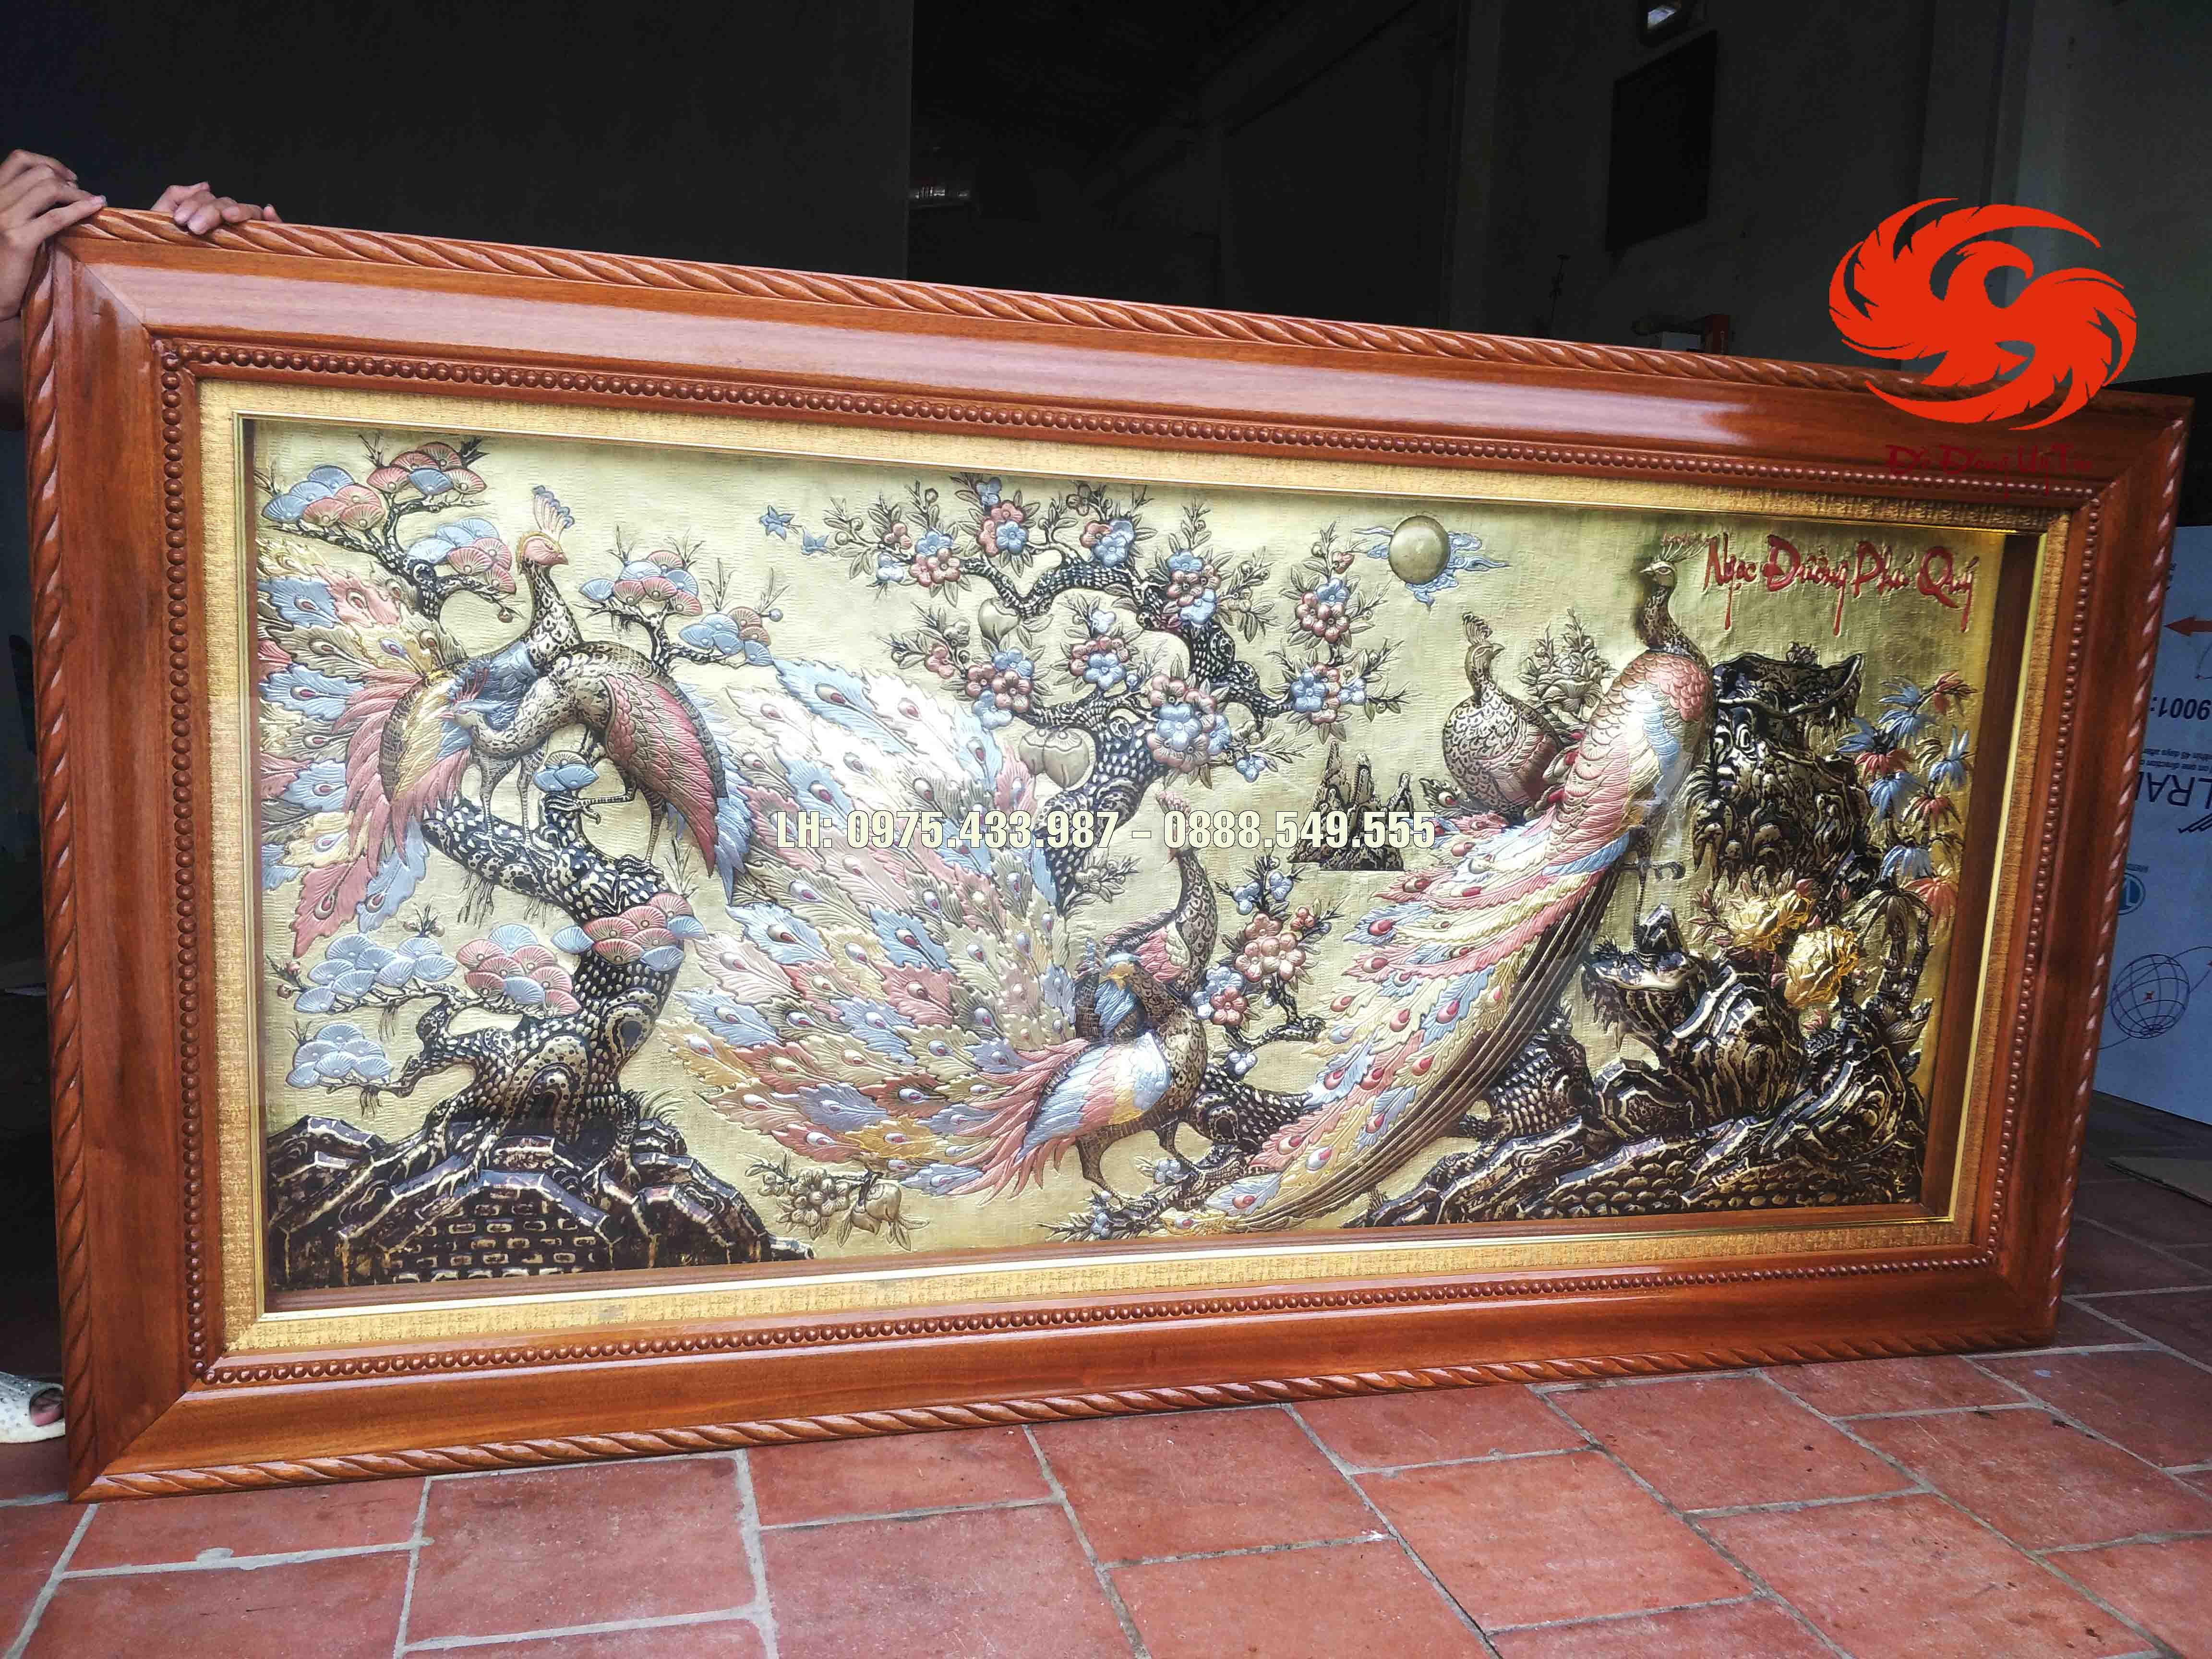 Tranh đồng Công mai - Ngọc đường phú quý dát vàng 1m27 x 2m37